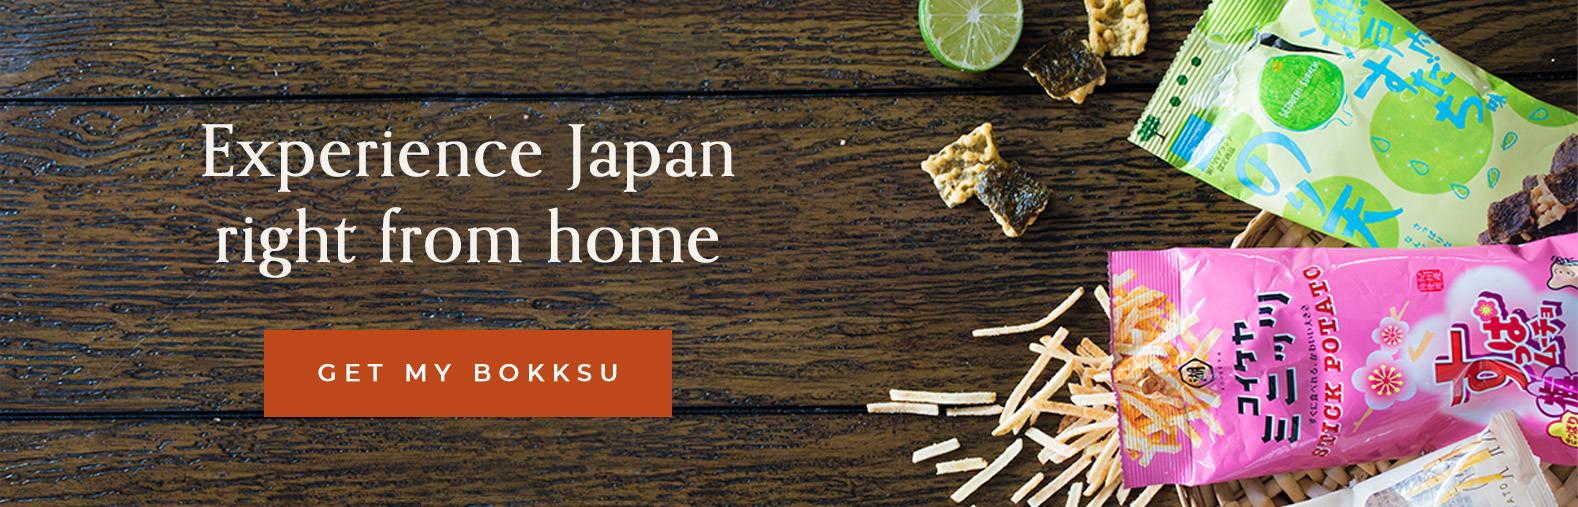 joi bokksu japanese snack subscription box service